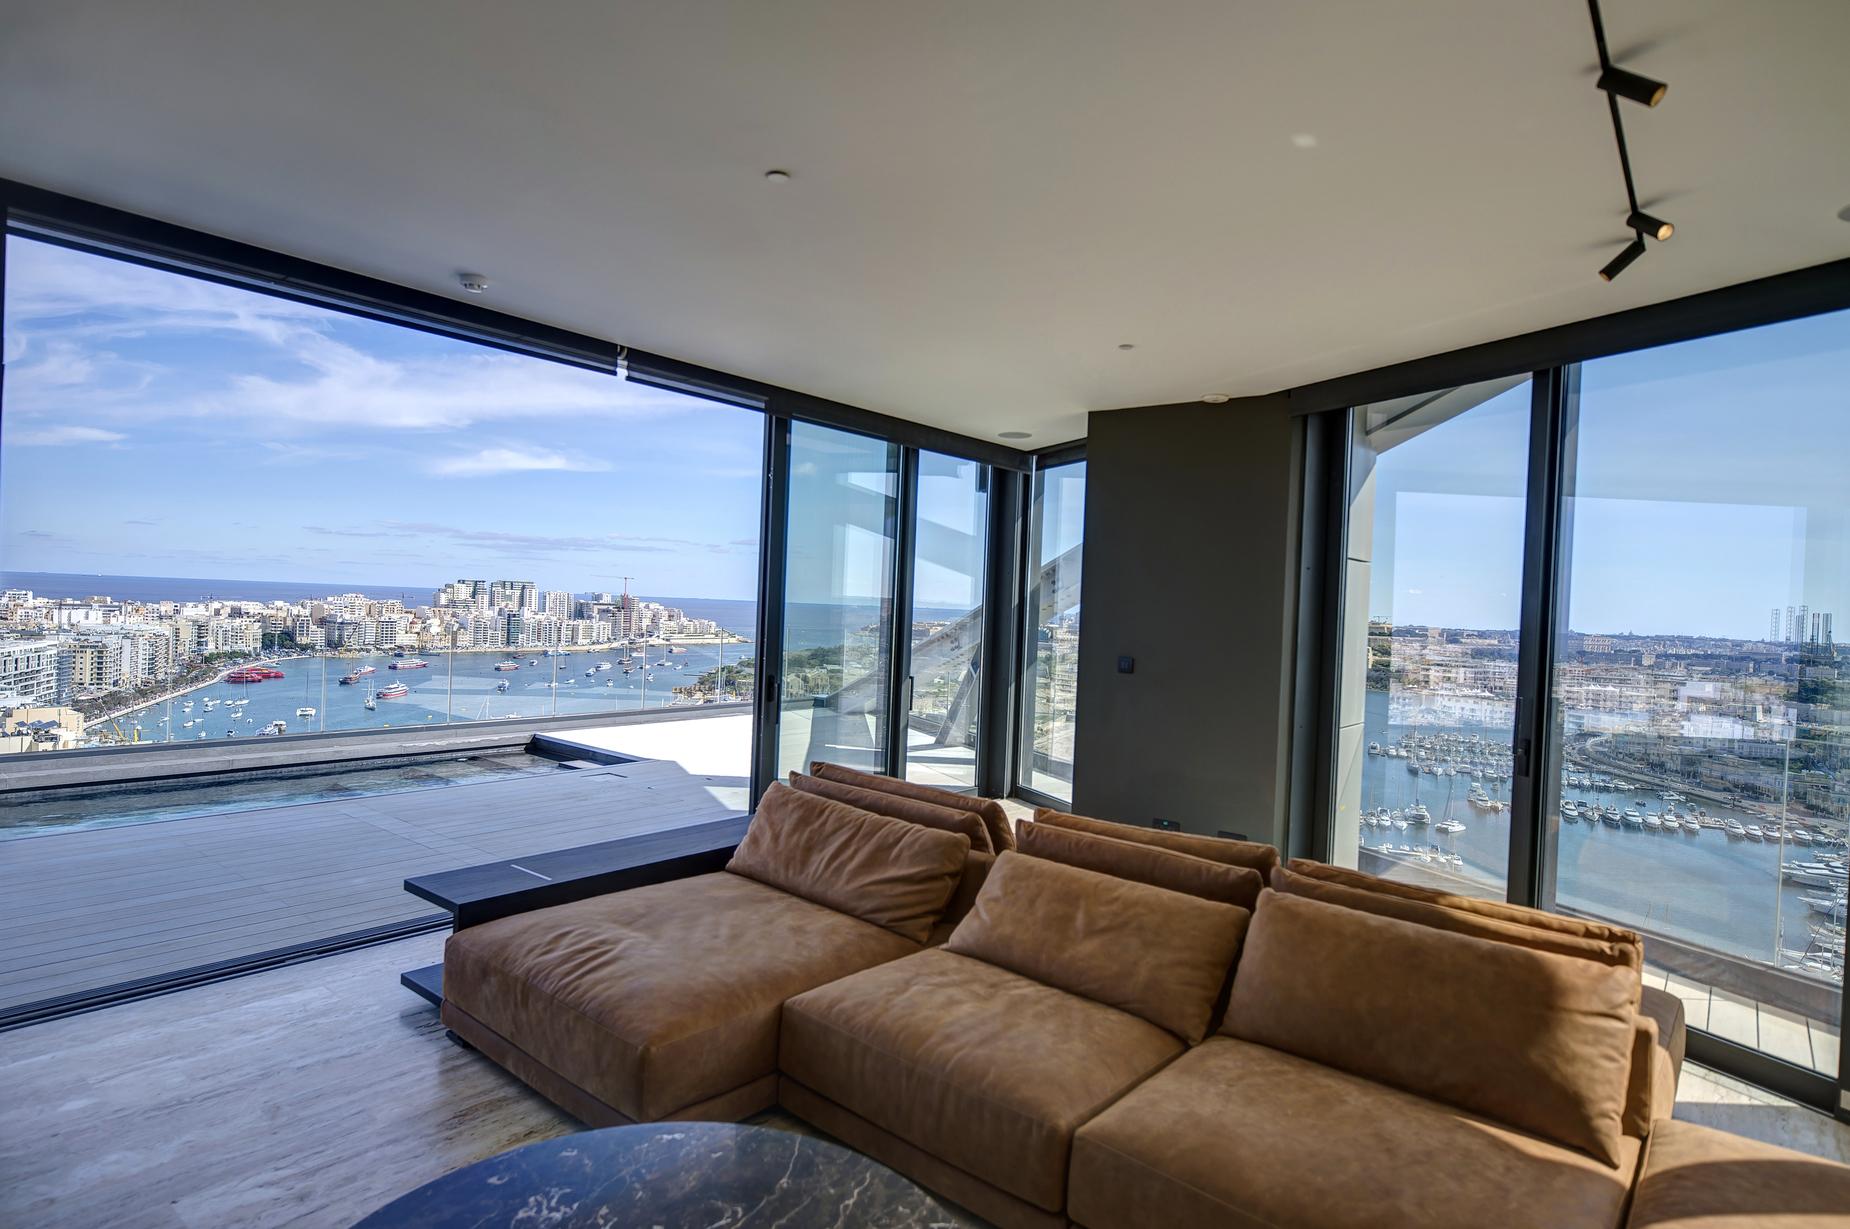 3 bed Apartment For Sale in Gzira, Gzira - thumb 6